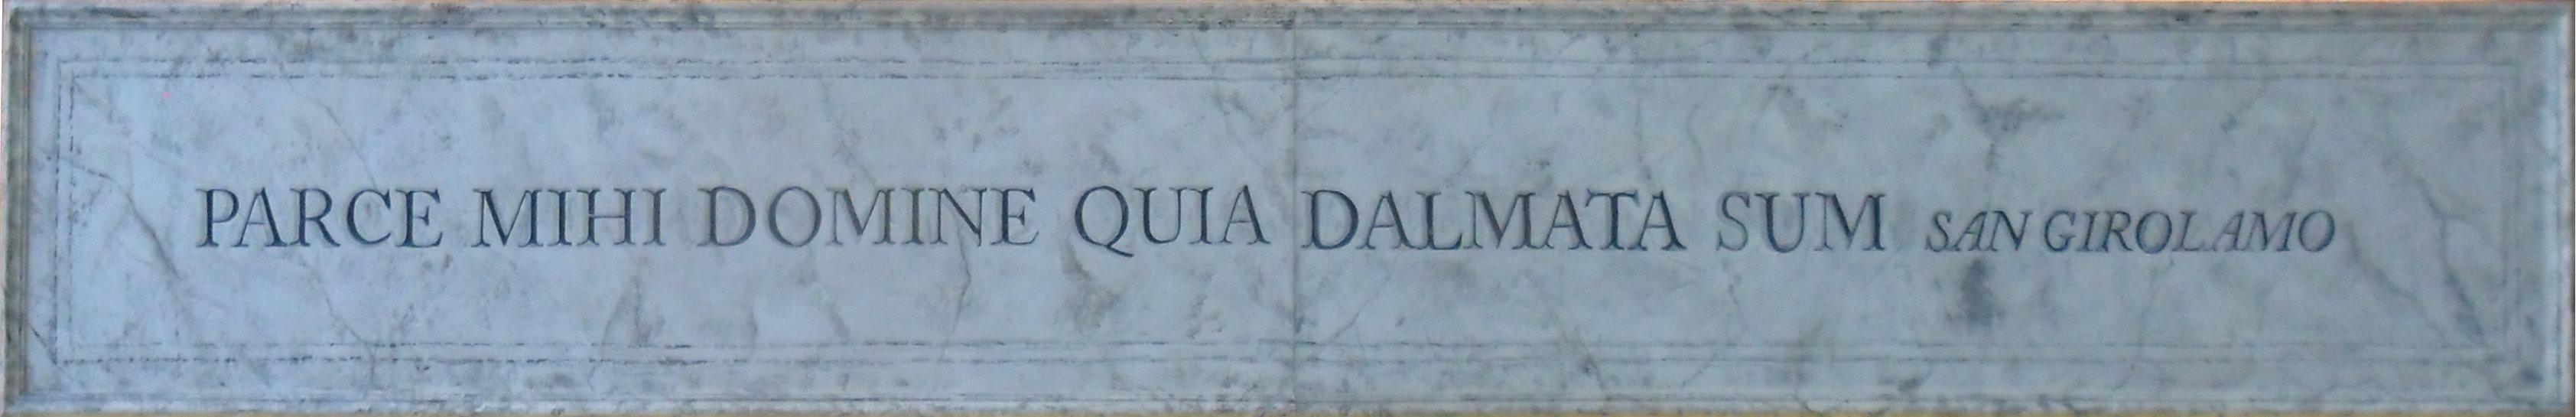 San Girolamo: perdonami, Signore PERCHÉ sono Dalmata!